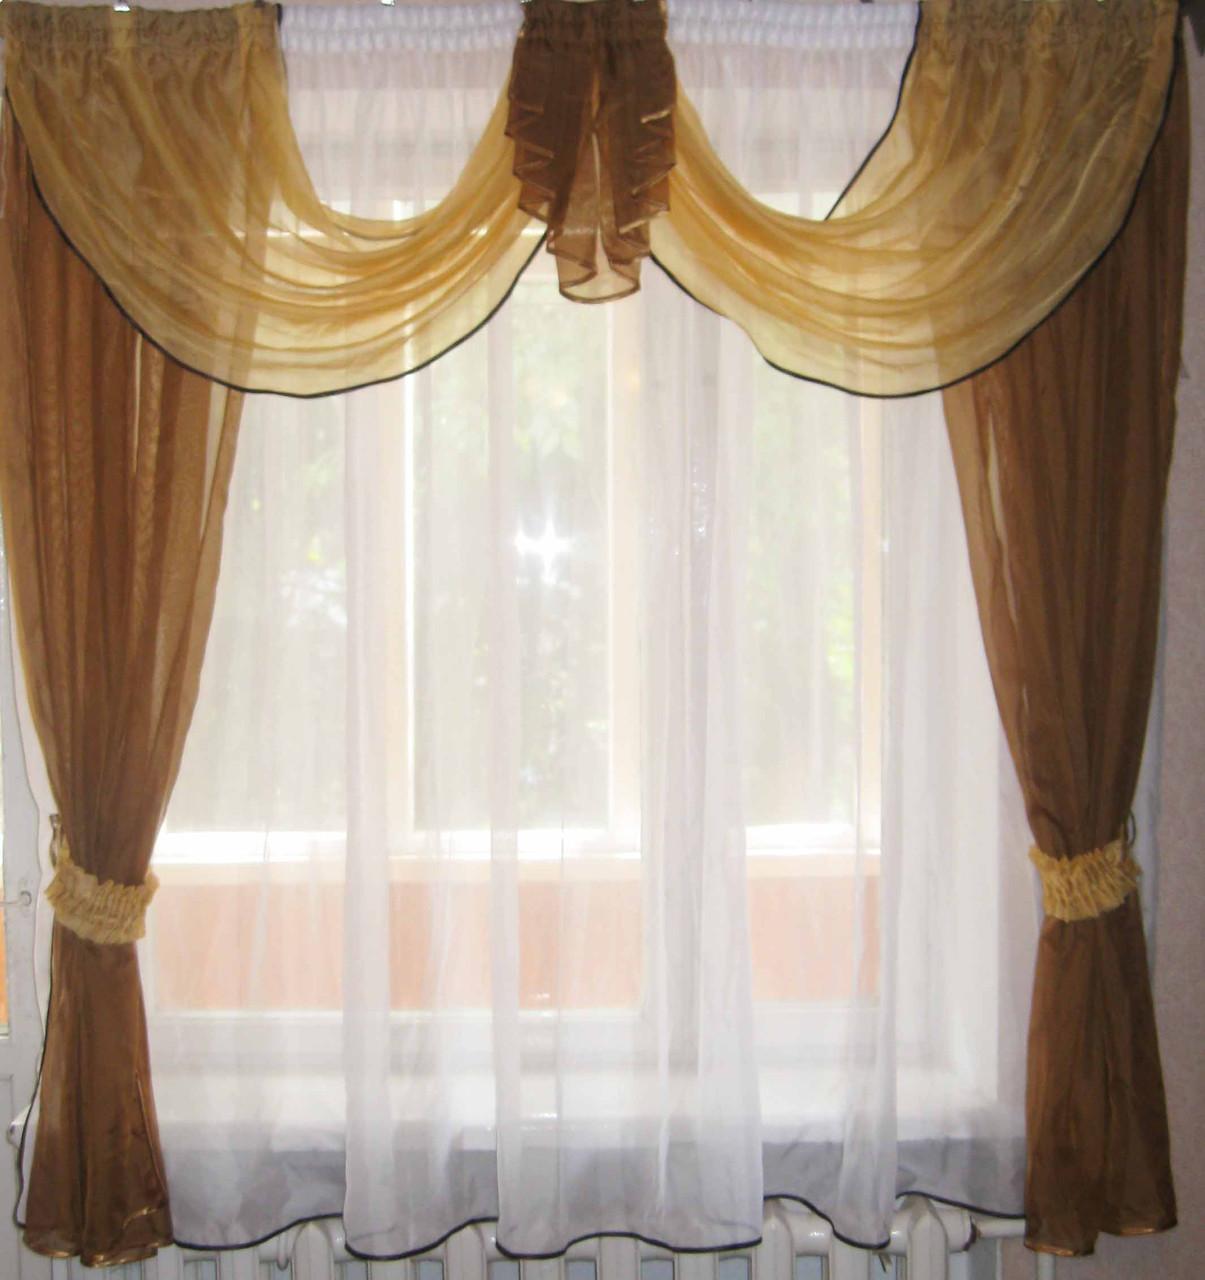 Кухонная занавесь из ламбрекена и тюли  №6.  Цвет коричневый с белым